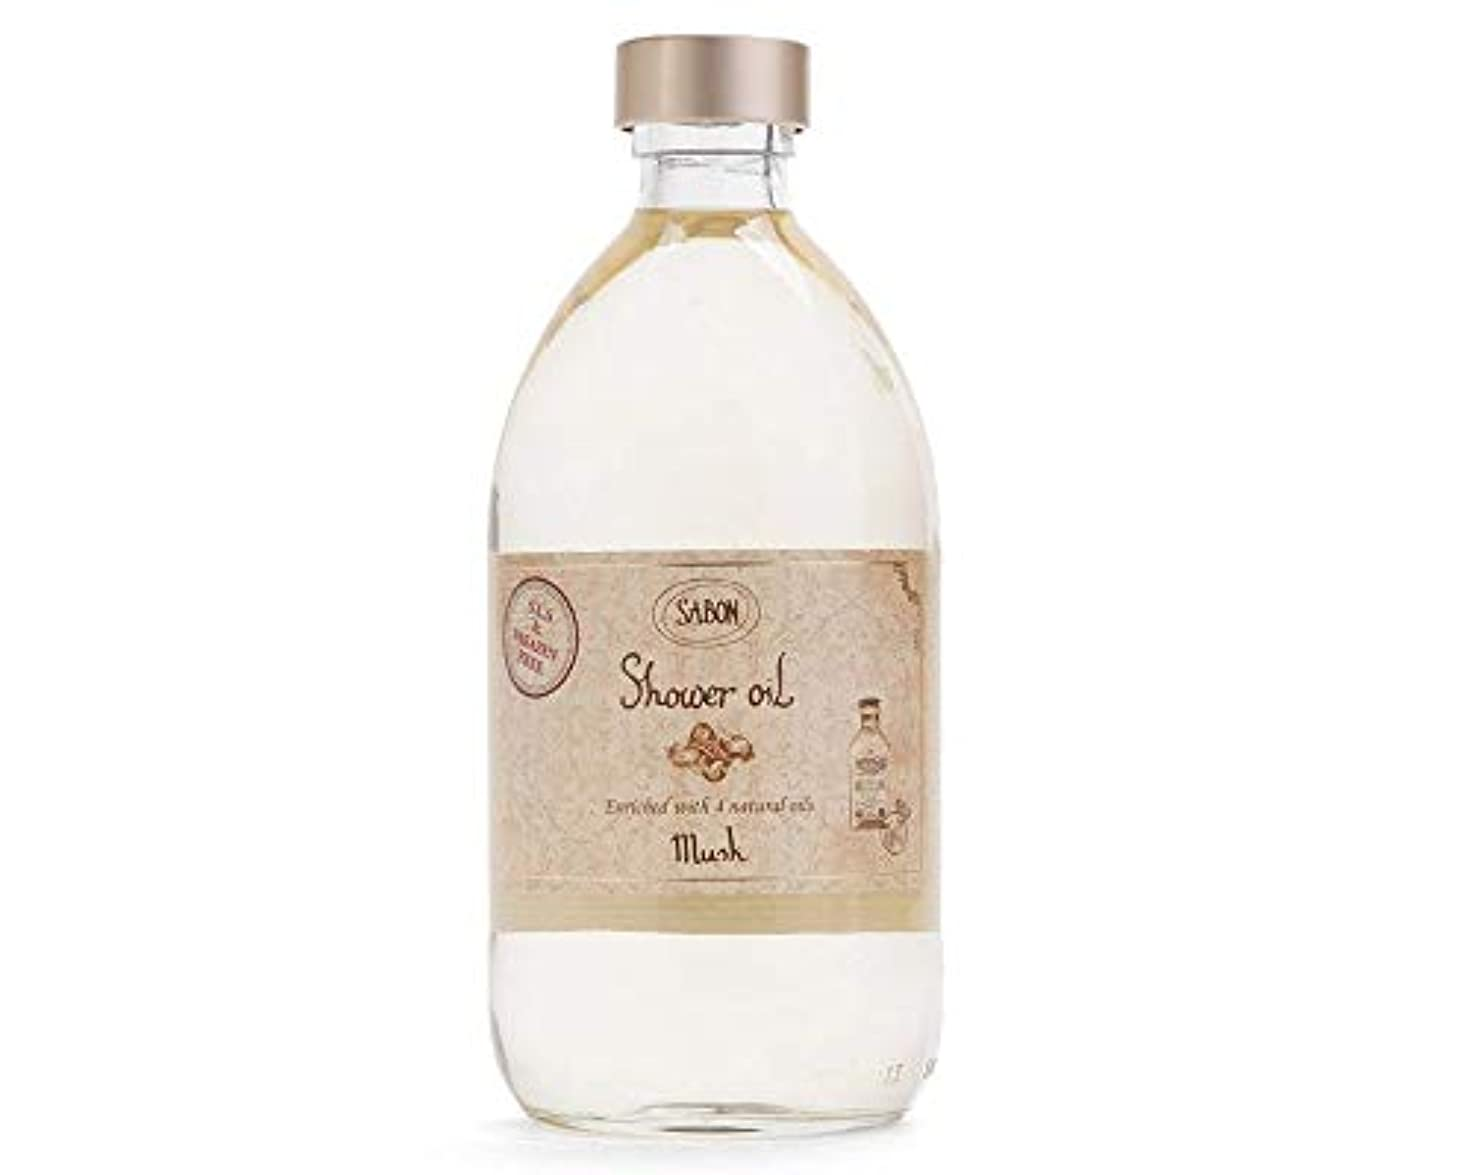 亜熱帯削除する貫通するサボン SABON シャワーオイル ムスク 500ml ボディケア 保湿 潤い (香水/コスメ)